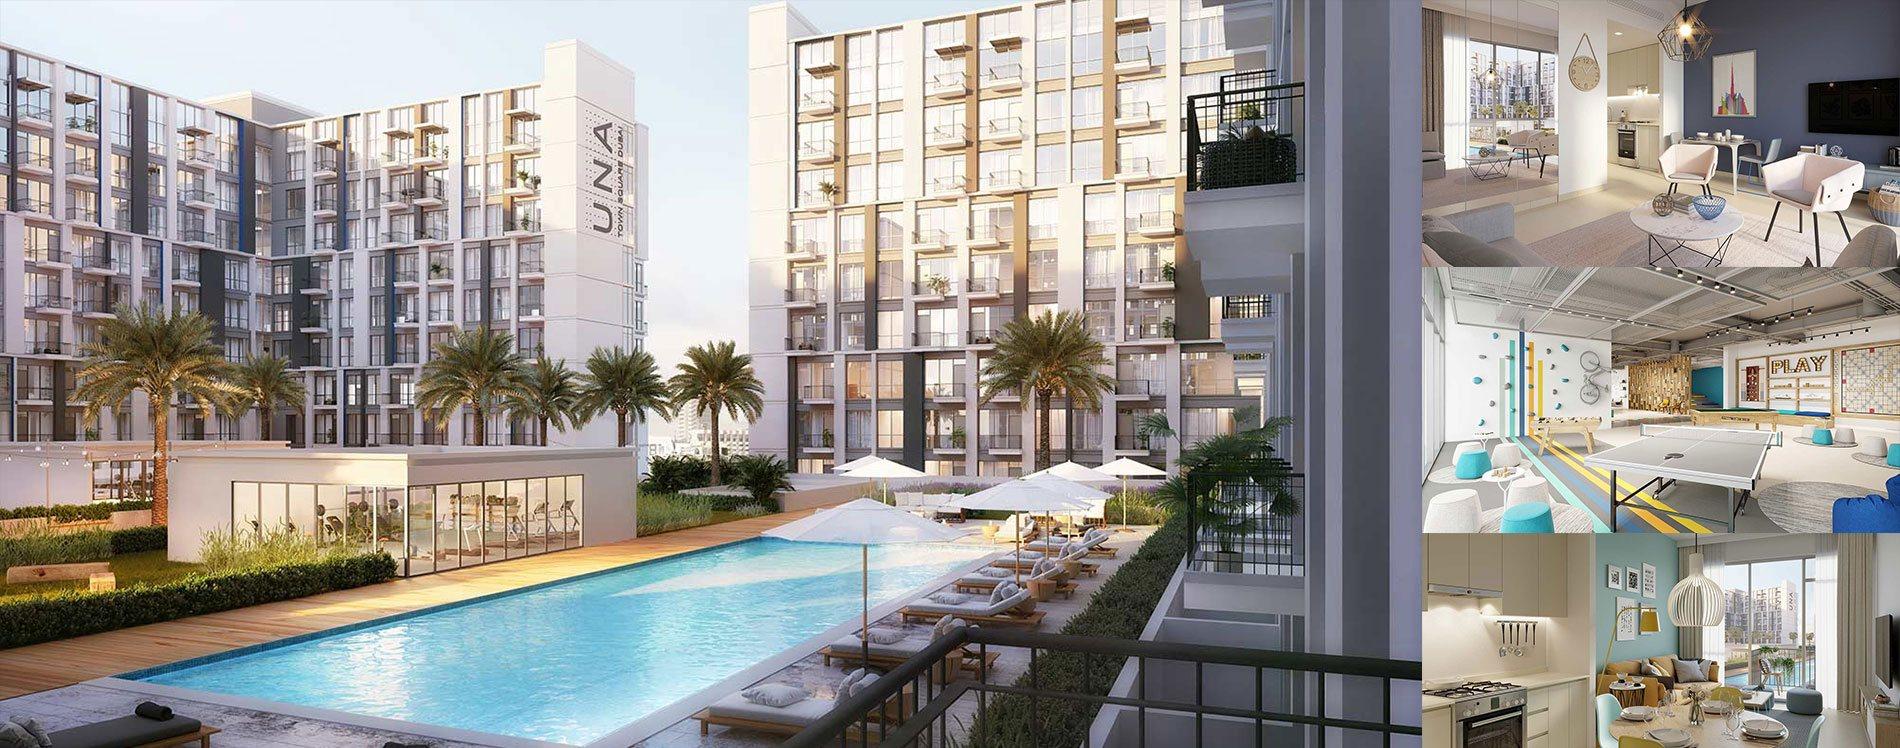 UNA Apartments